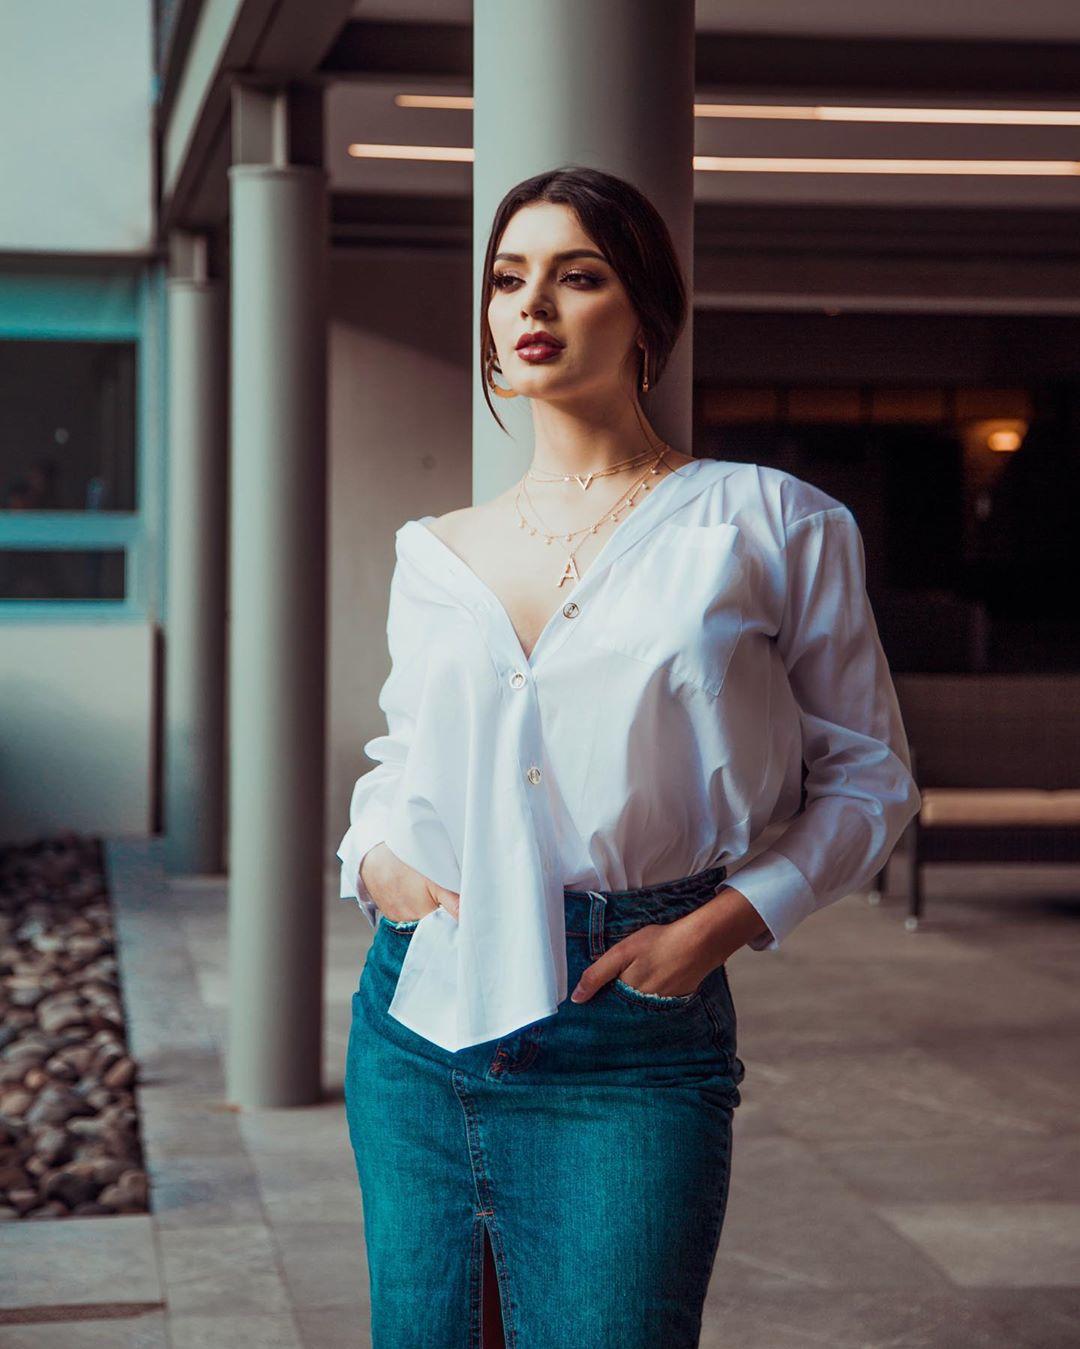 andrea toscano, 1st runner-up de miss international 2019. - Página 27 66049510